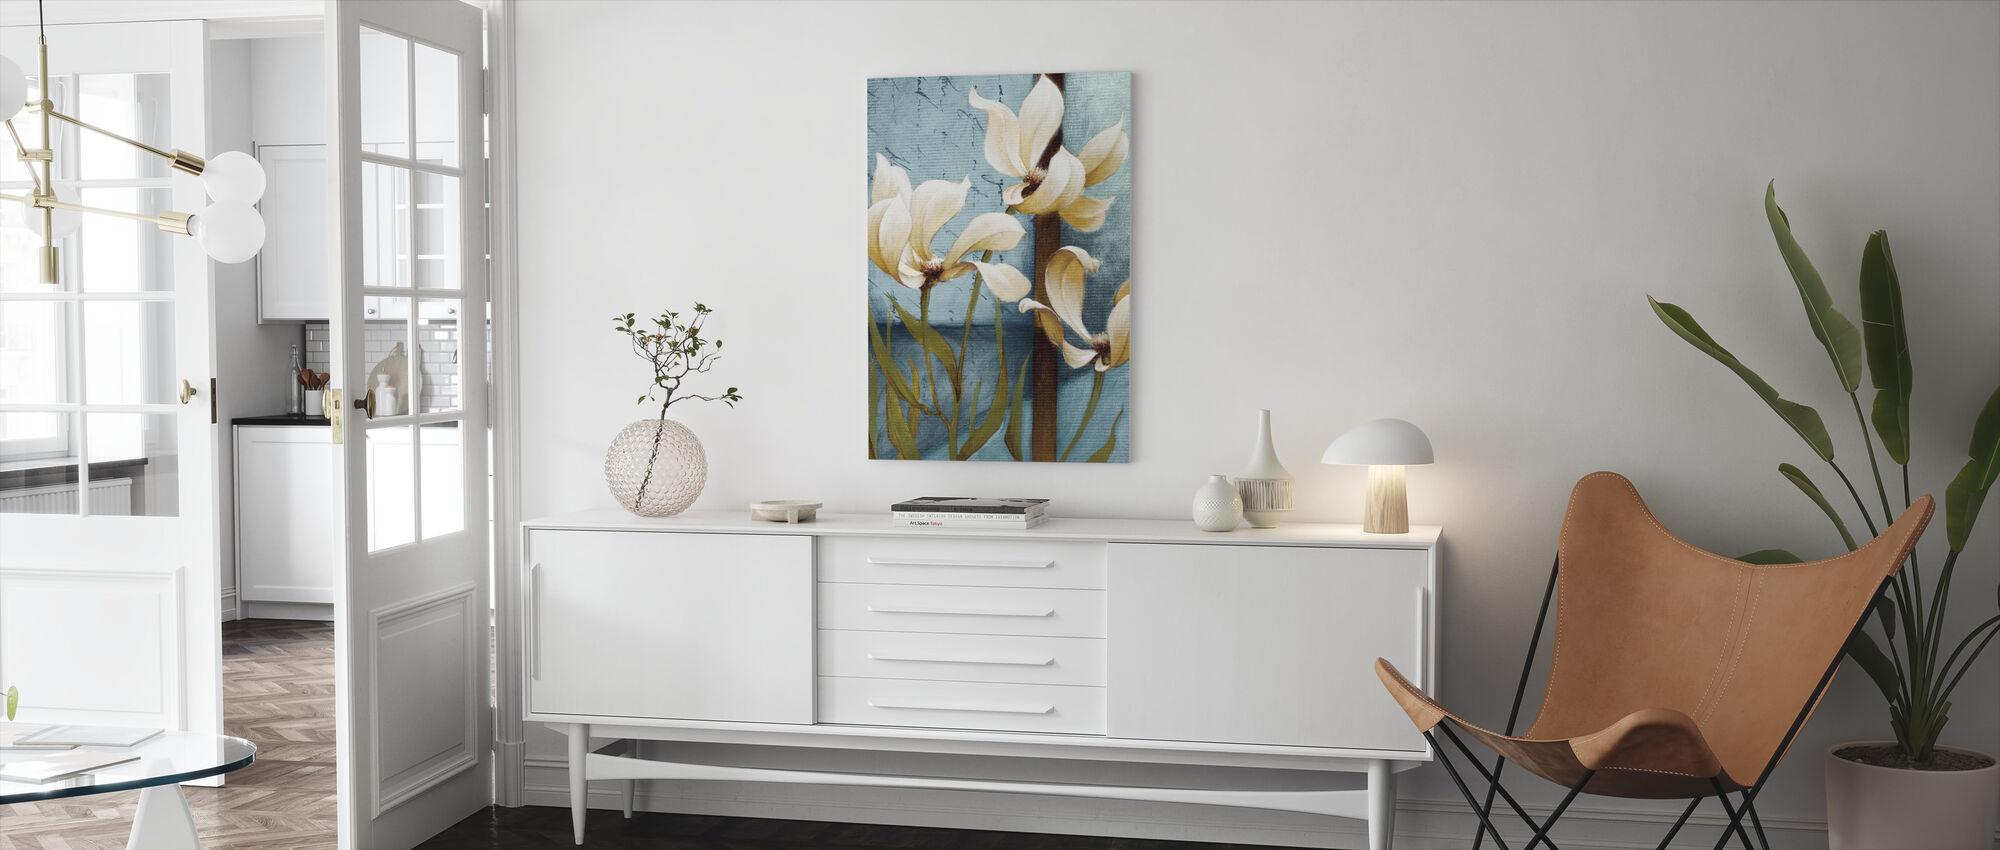 Magnolia Schilderij - Canvas print - Woonkamer